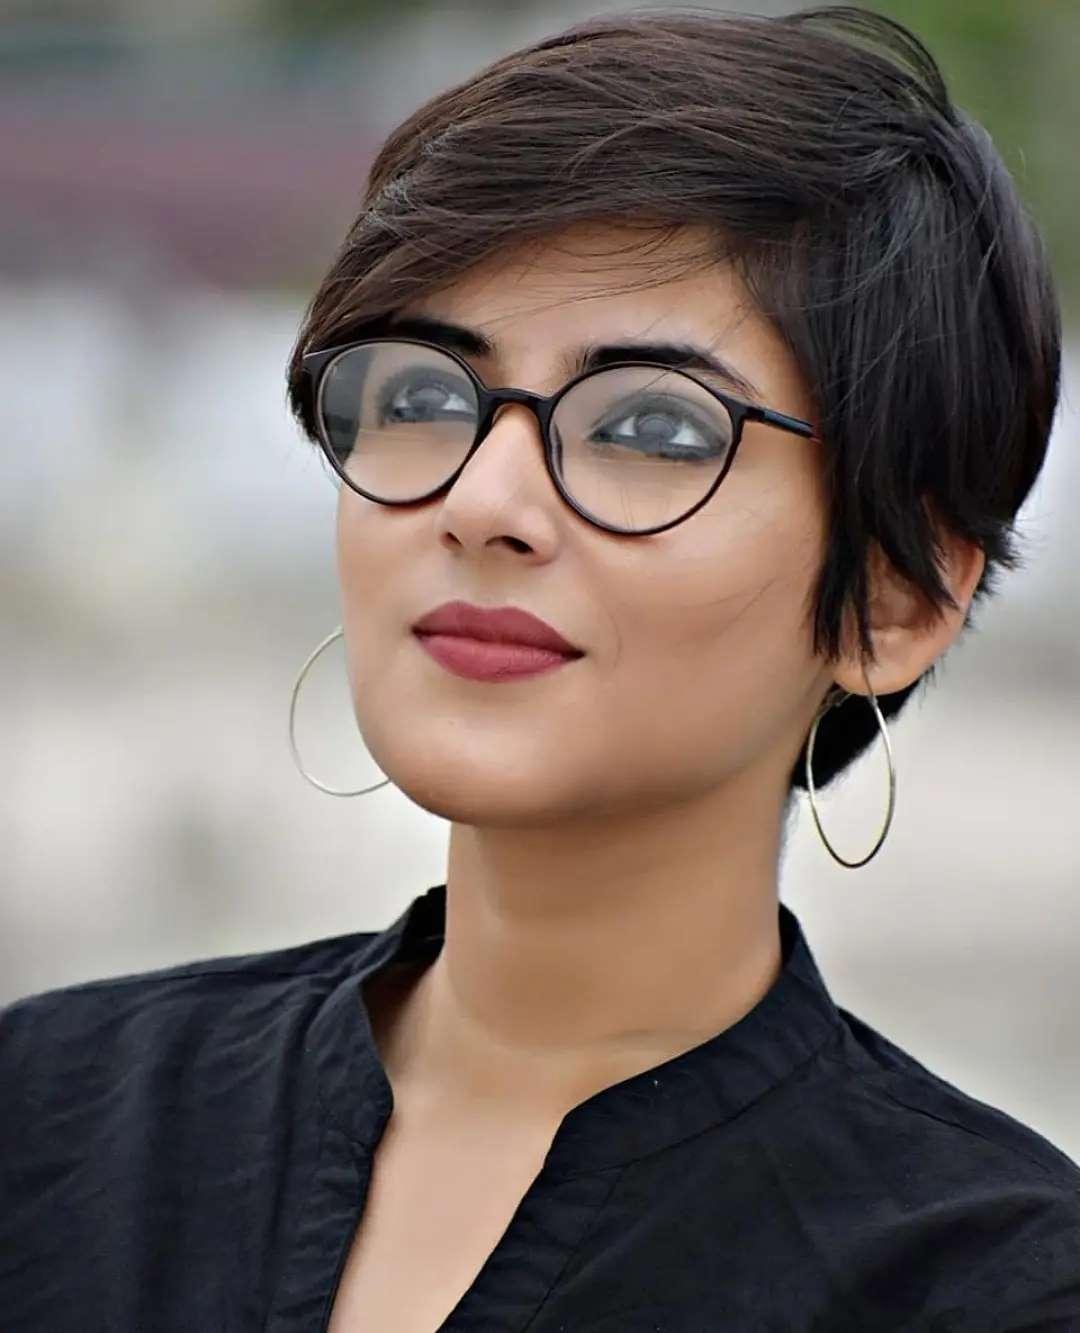 Einfache kurze Frisuren für dickes und dünnes Haar - Weibliche Kurzhaarschnitte